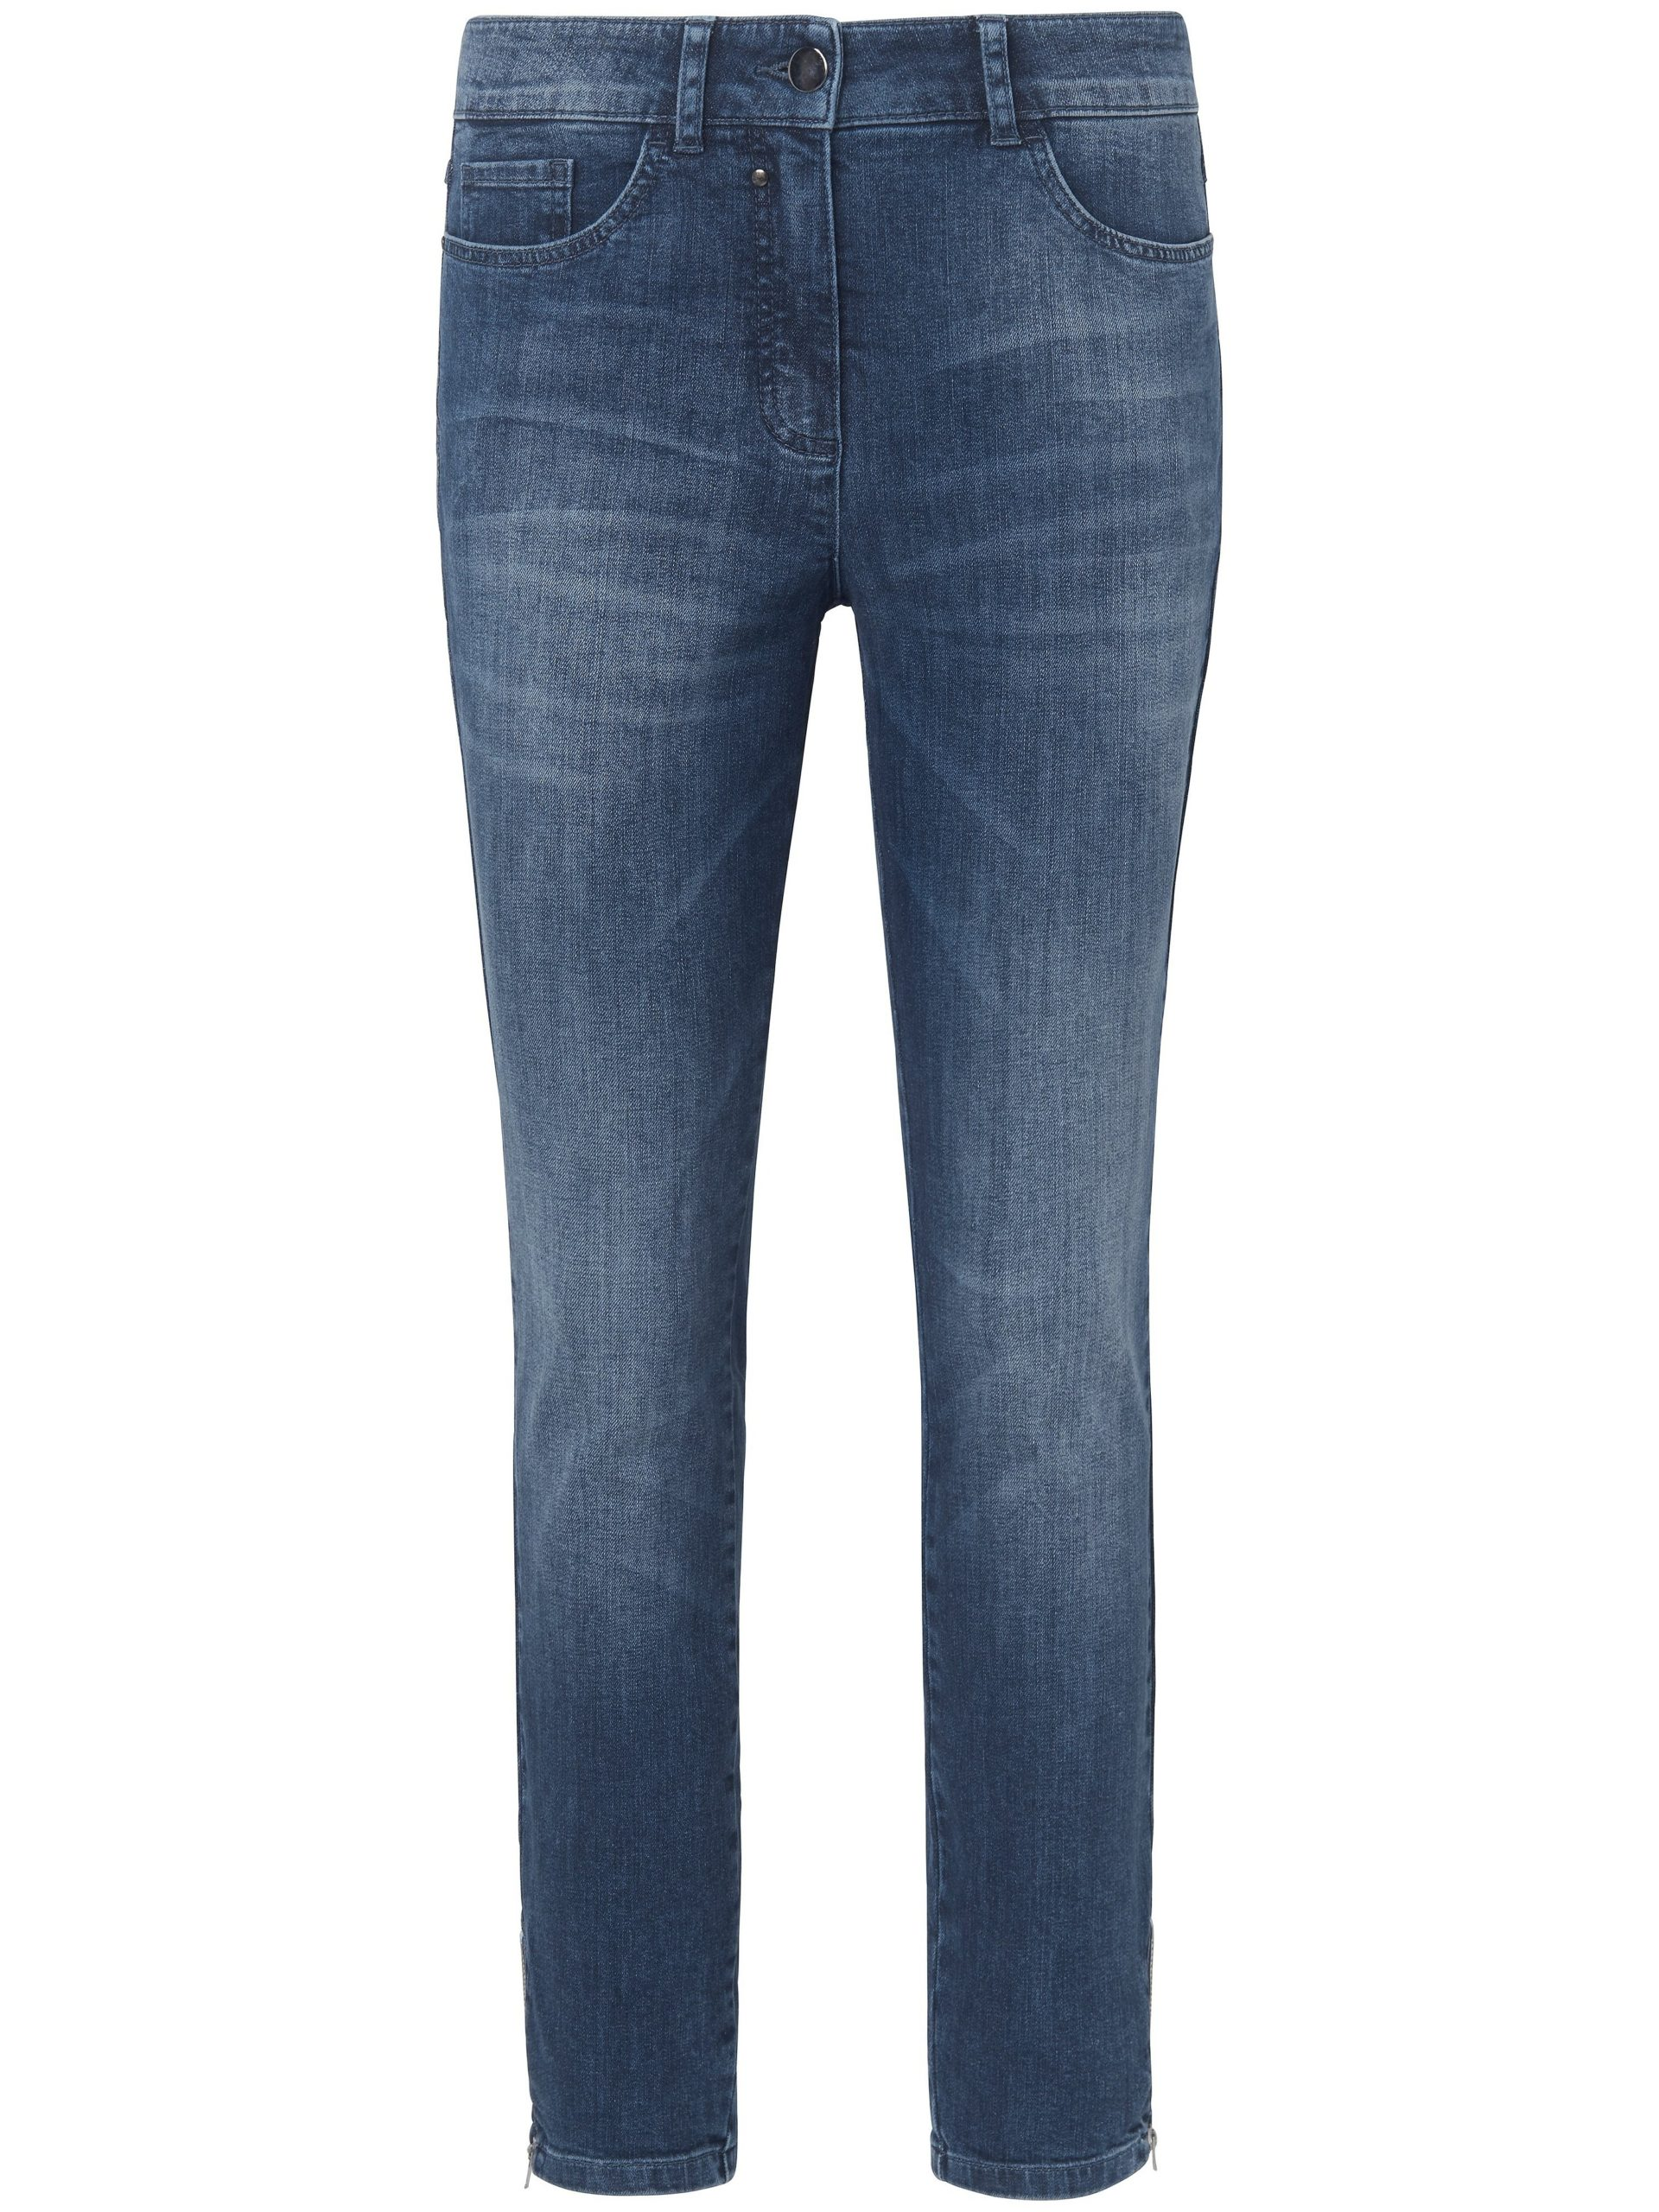 Enkellange jeans met smalle pijpen Van MYBC denim Kopen